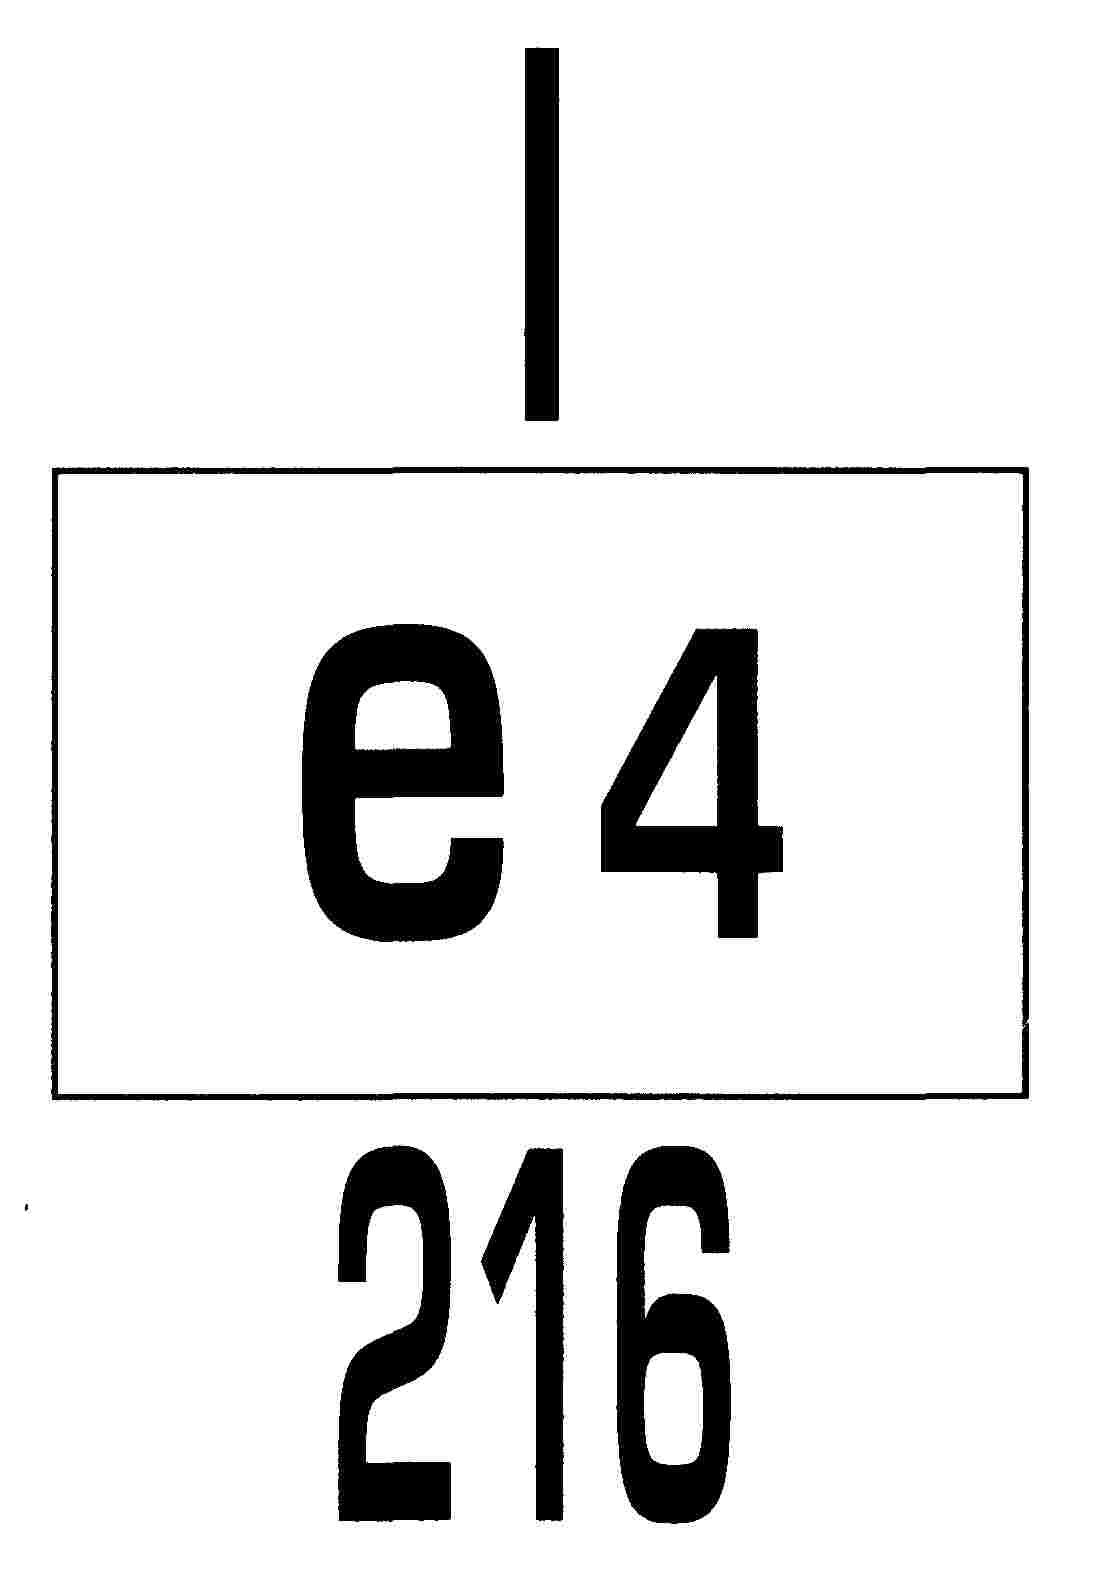 EUR-Lex - 01997L0024-20131211 - EN - EUR-Lex